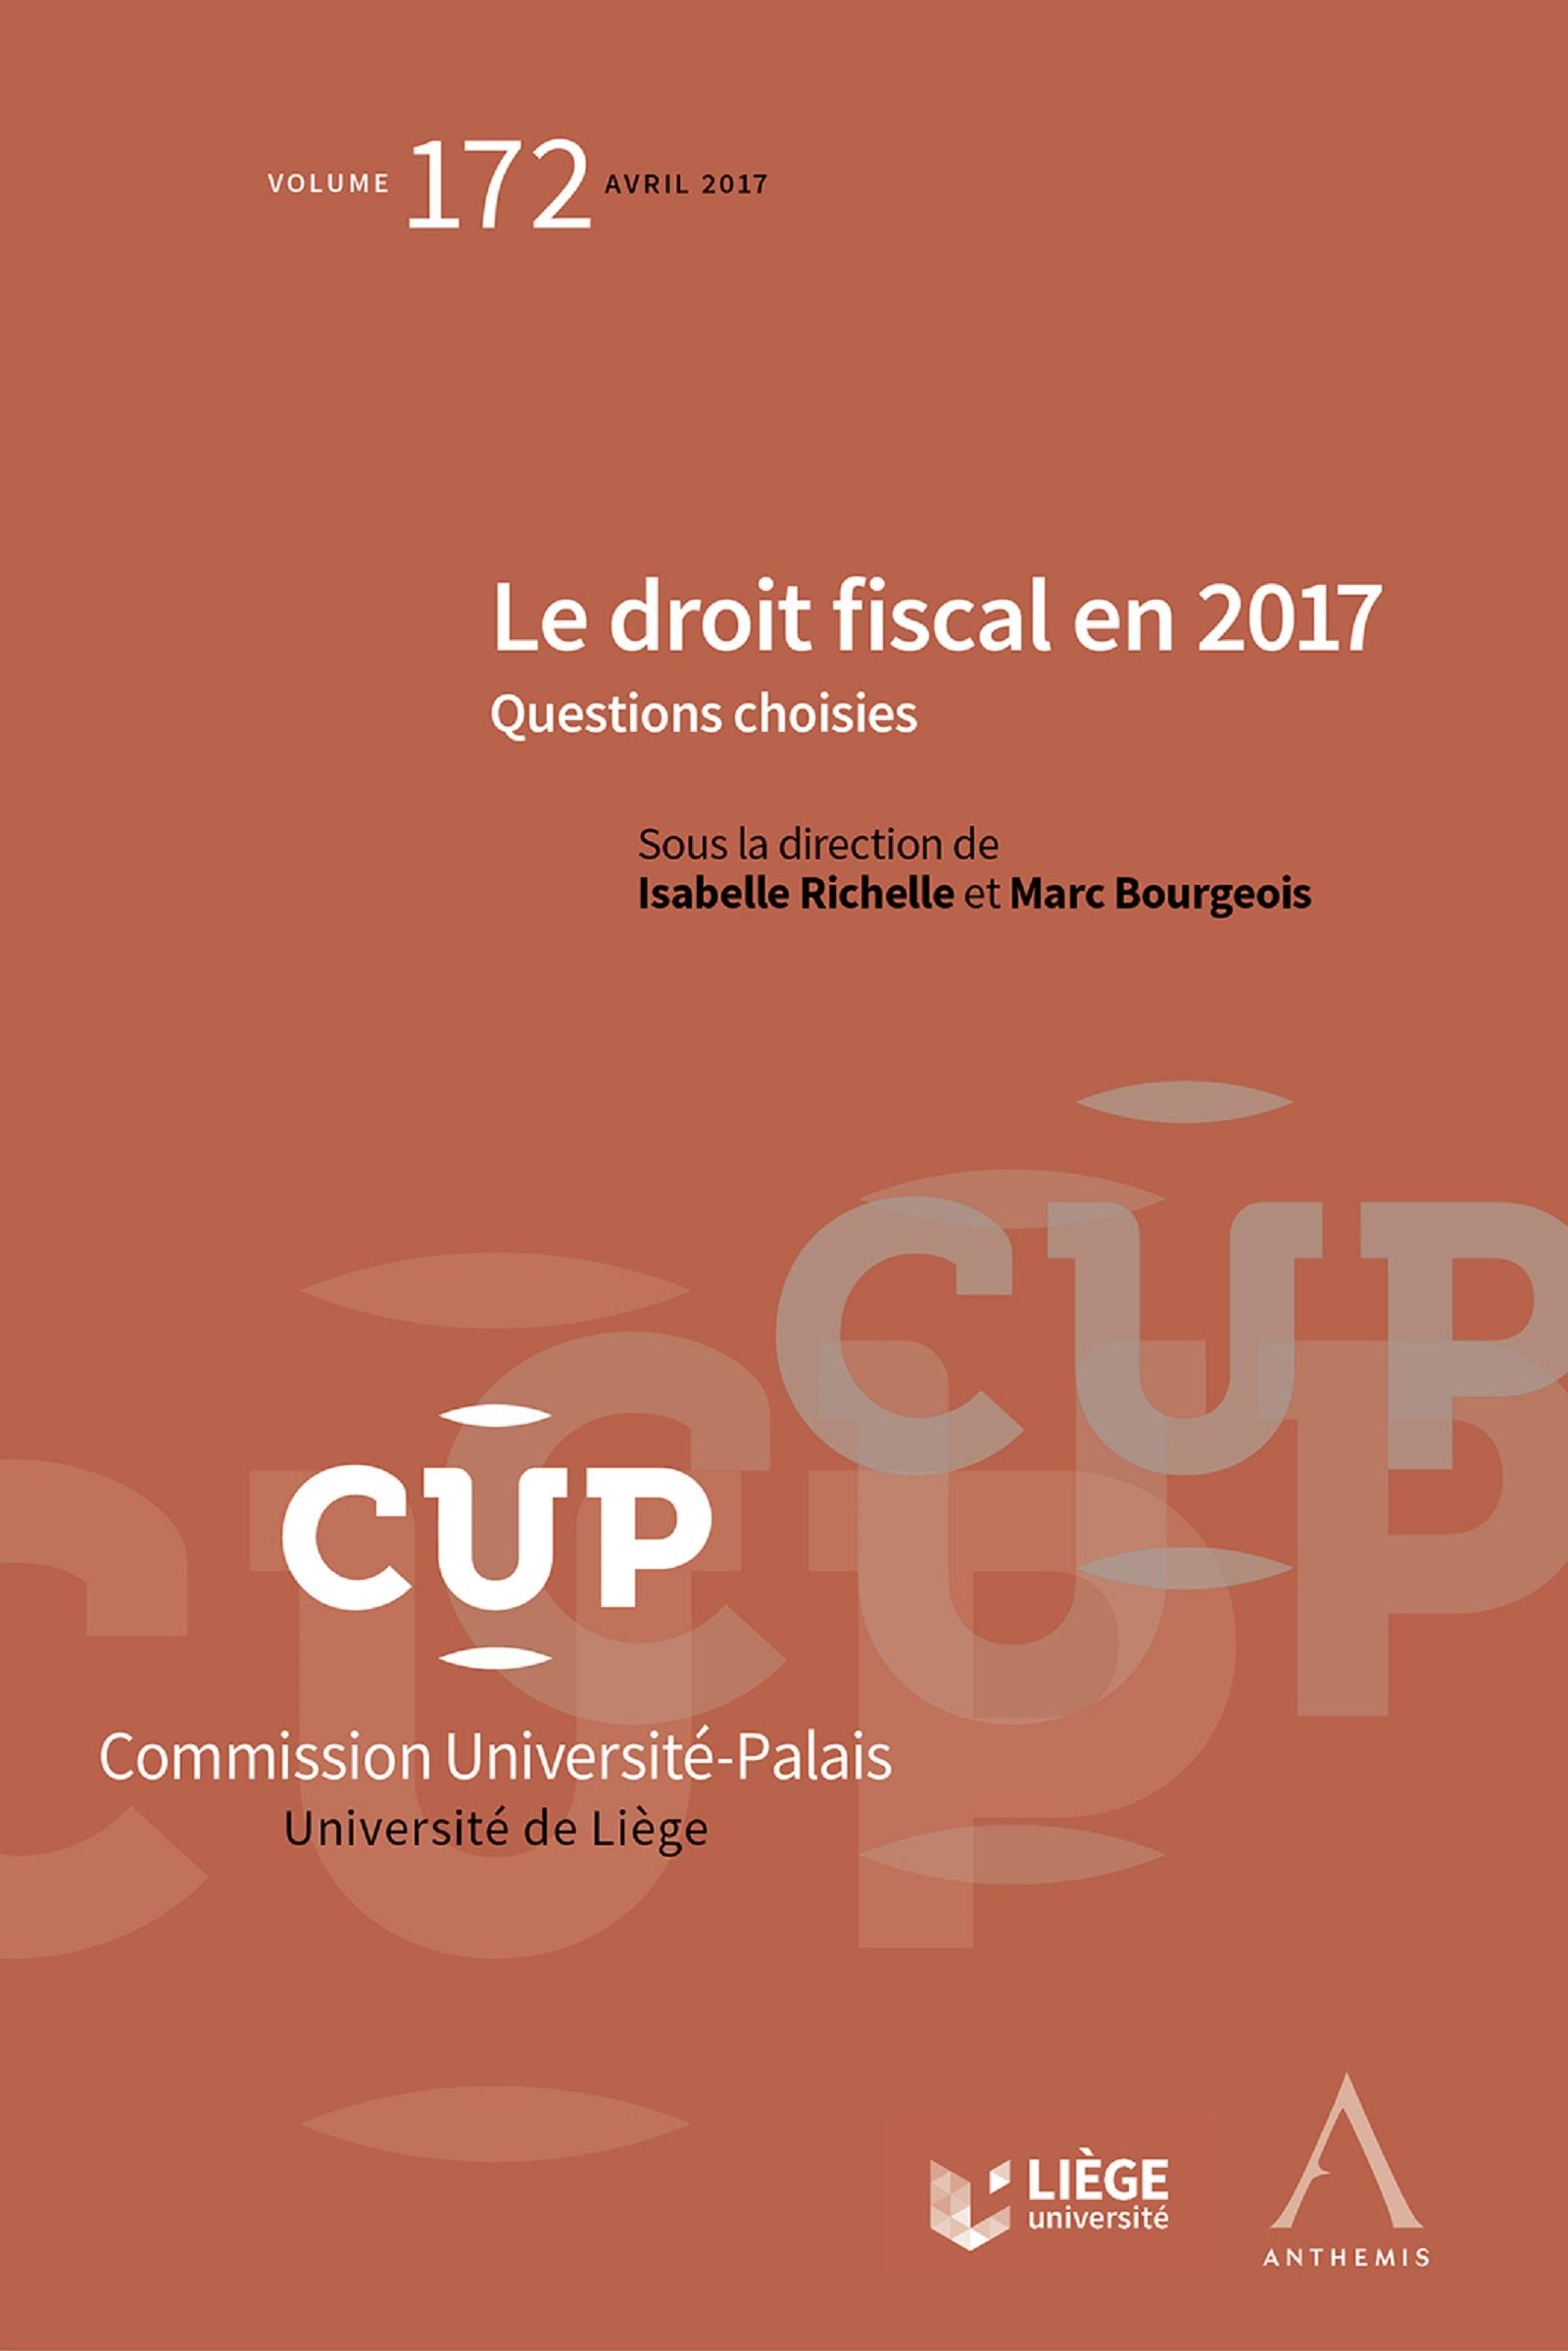 Le droit fiscal en 2017